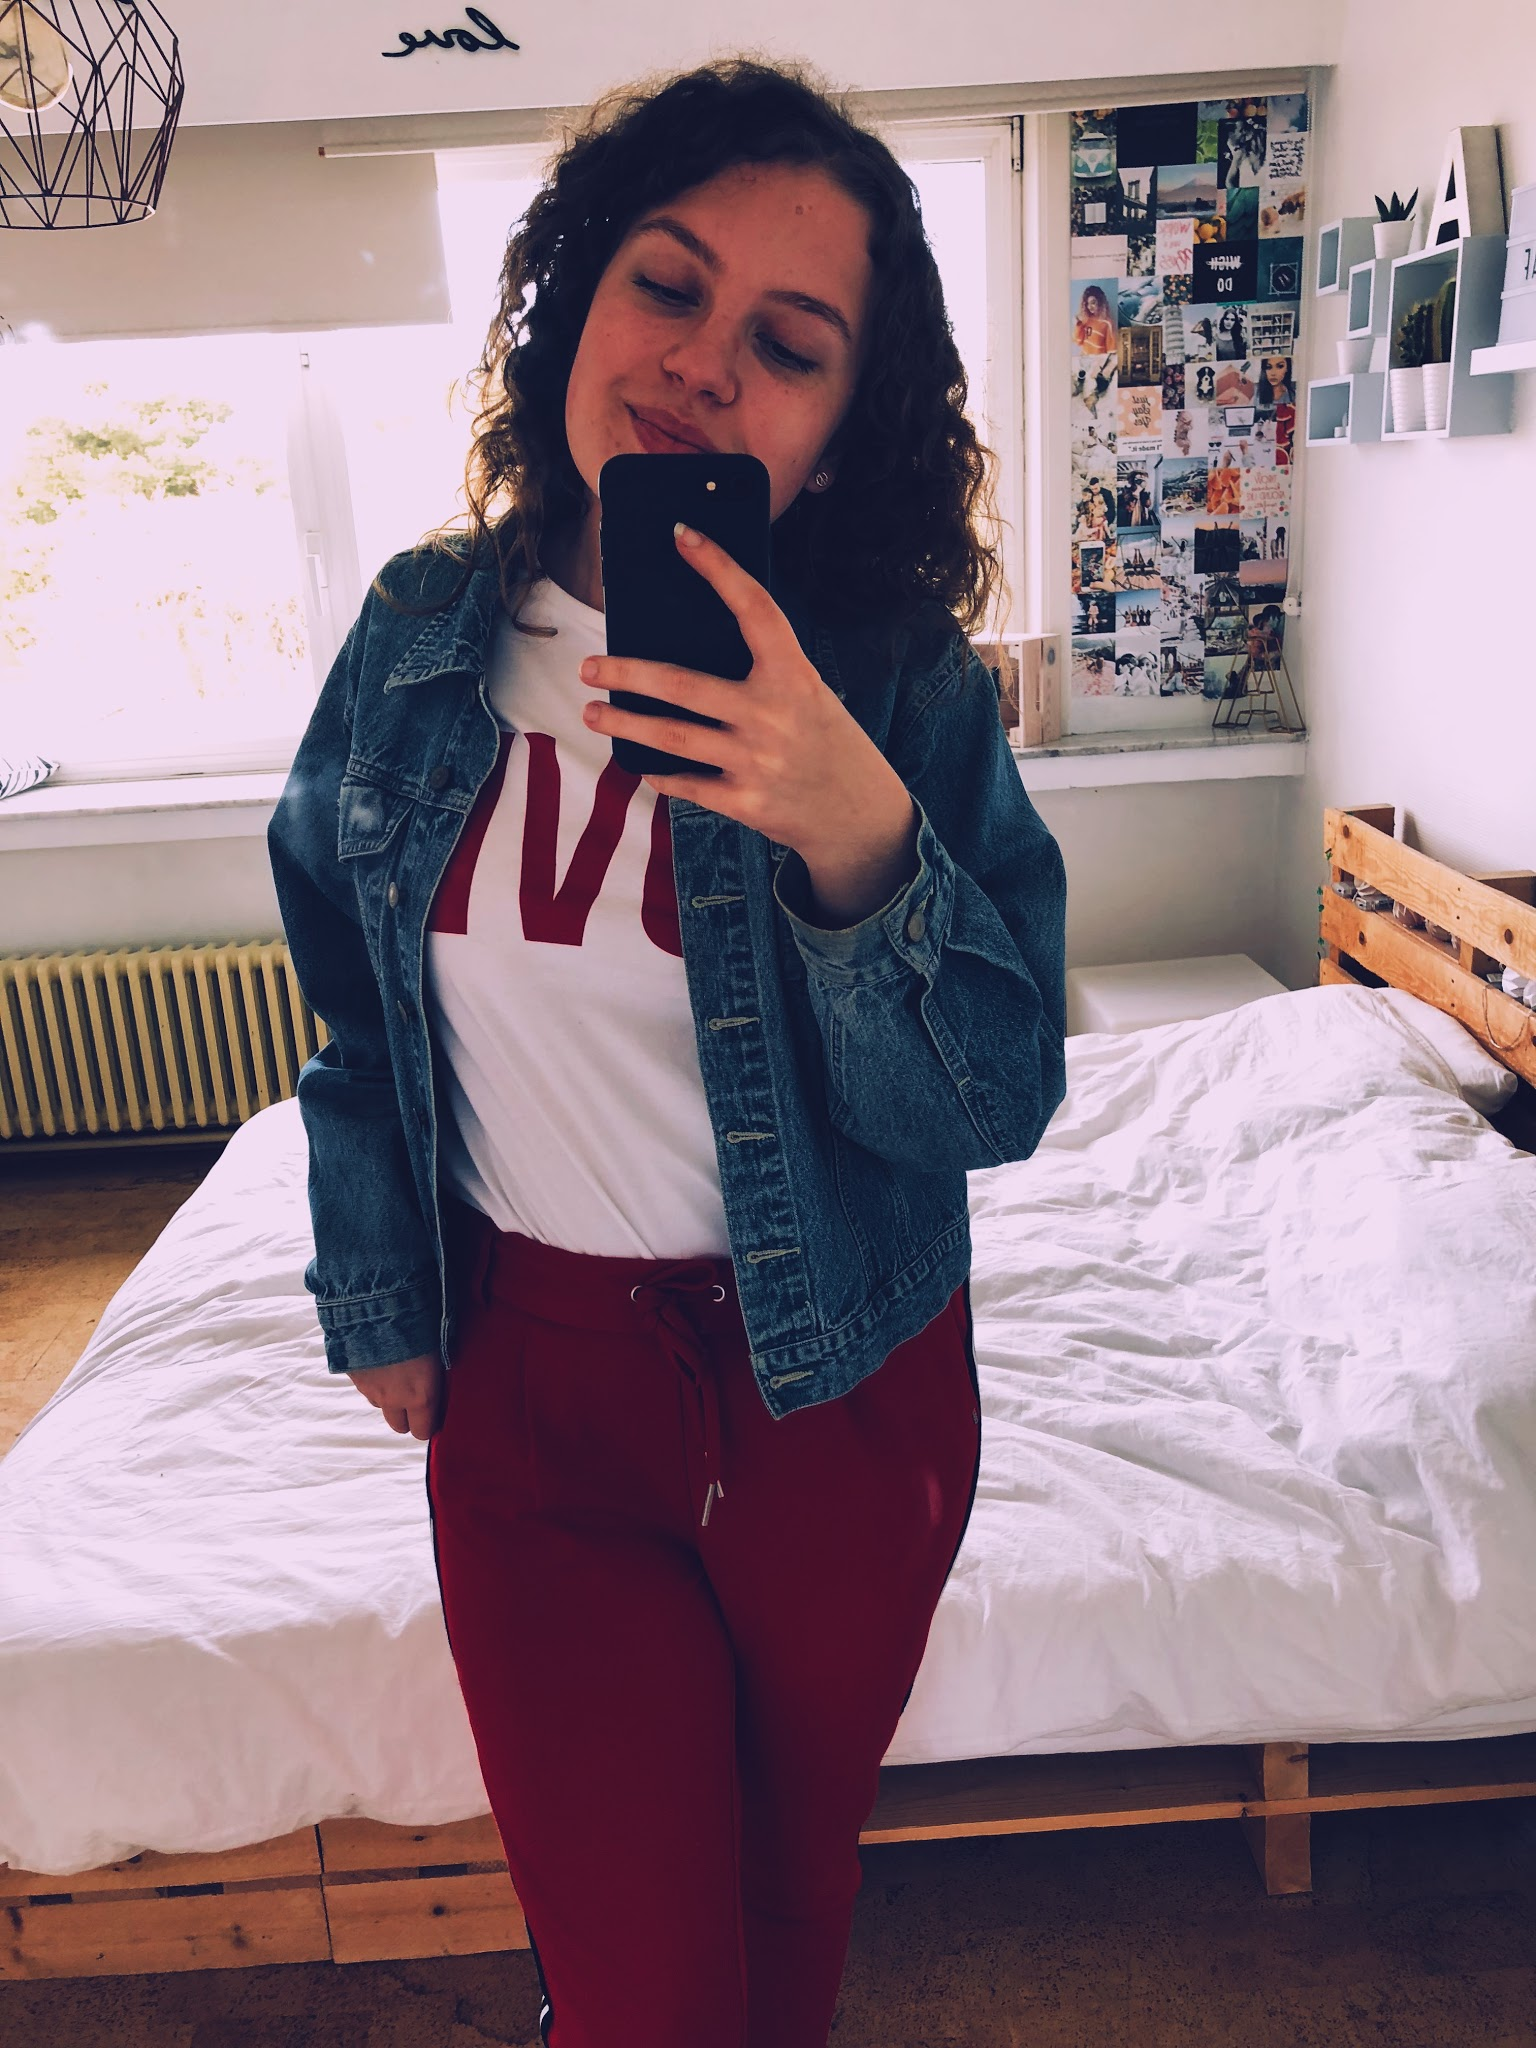 Spiefelfoto waarin ik mijn outfit toon. outfit: rode broek, wit t-shirt LOVE op geschreven in hetzelfde rood en een jeansjasje).